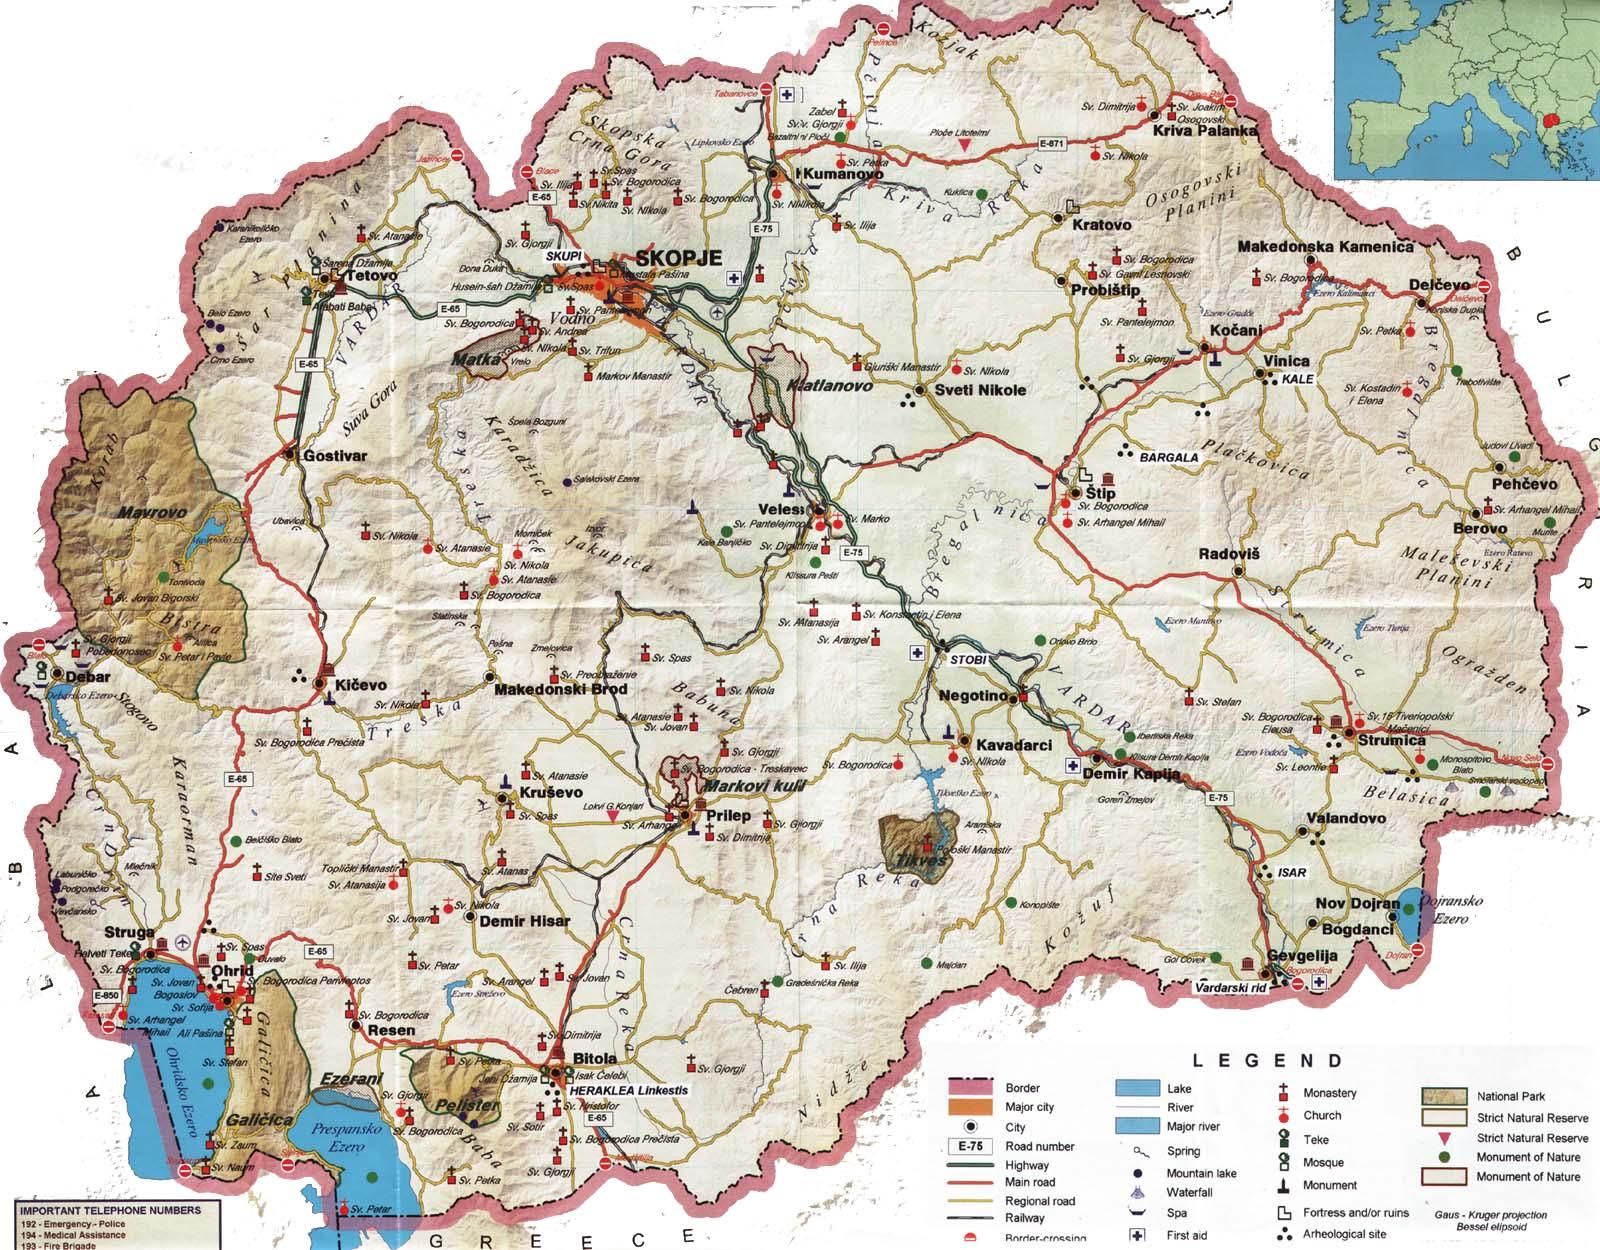 Macedônia | Aspectos Gerais da Macedônia